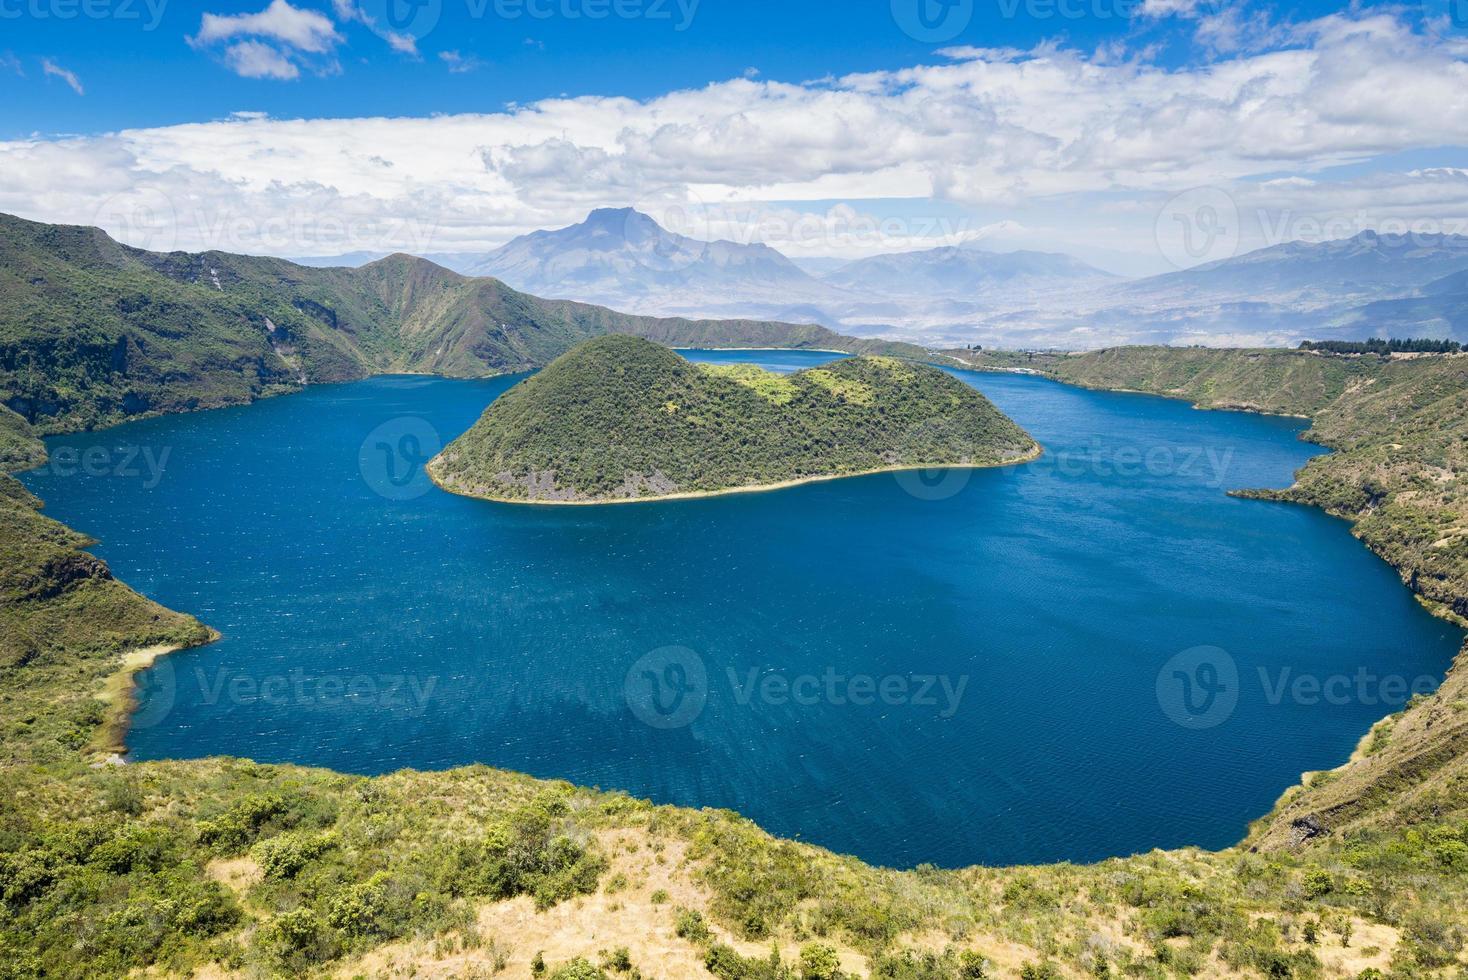 cuicocha kratersjö, reserv cotacachi-cayapas, ecuador foto